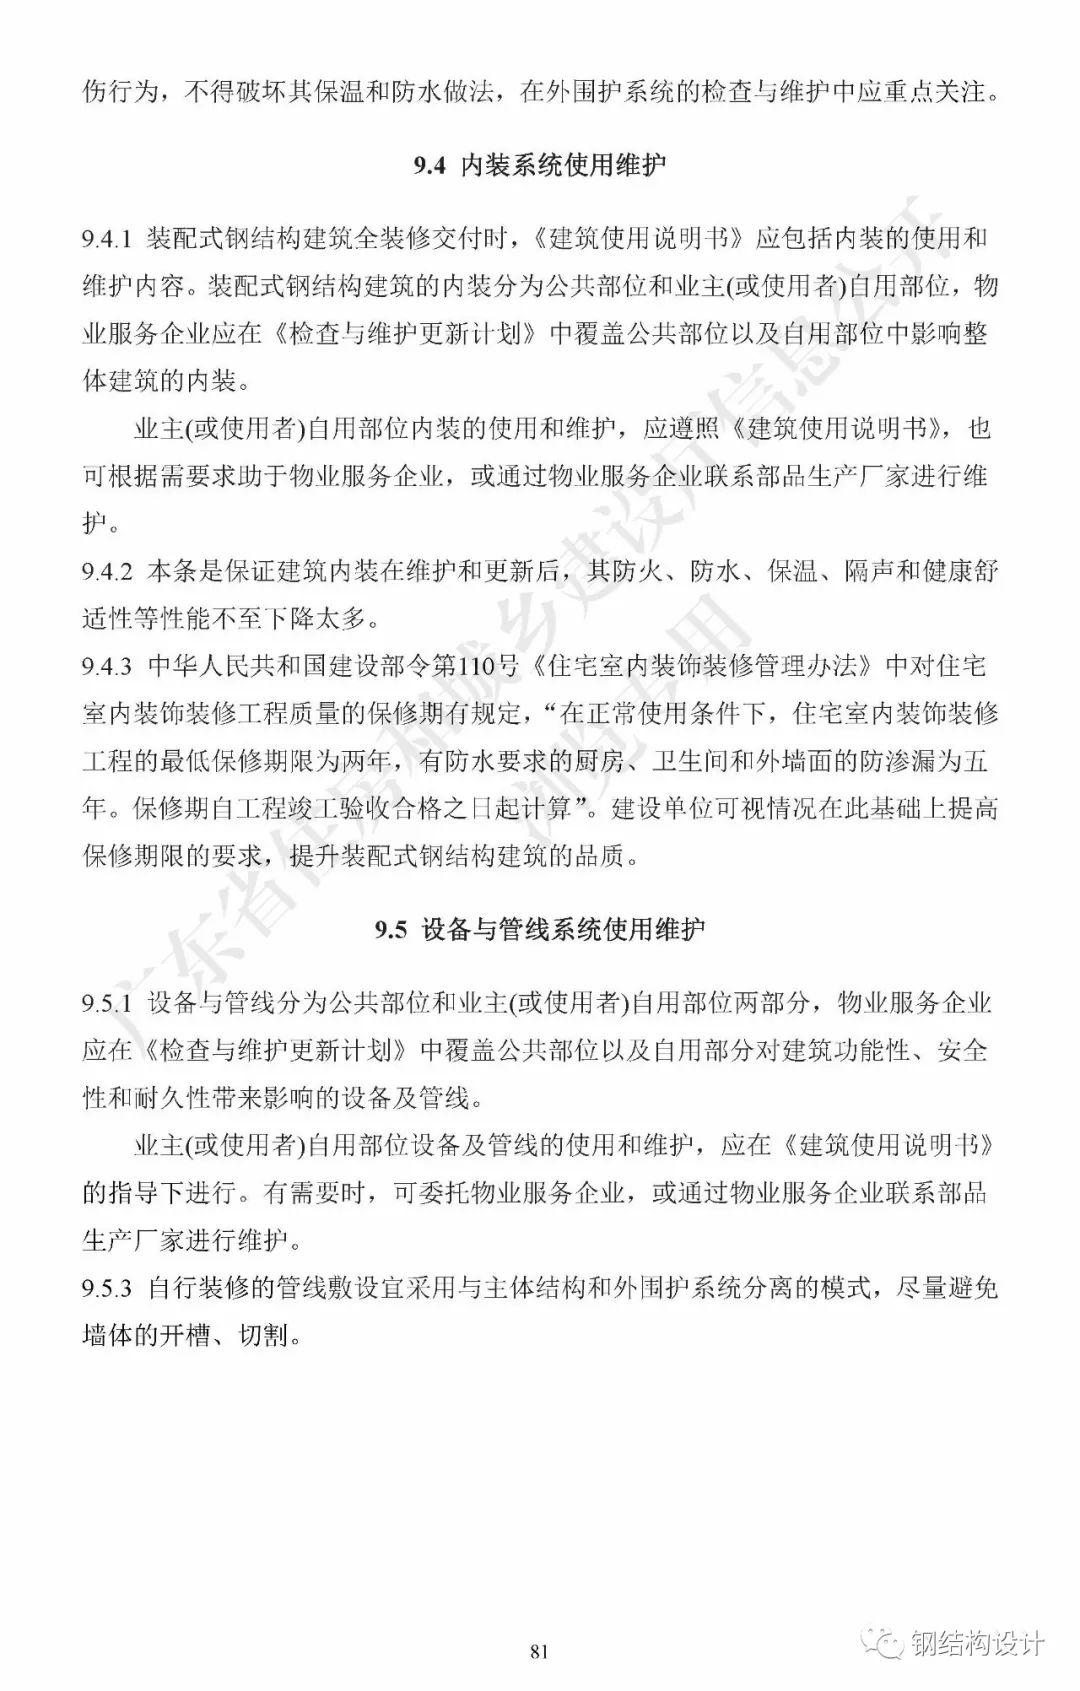 广东省《装配式钢结构建筑技术规程》发布_91